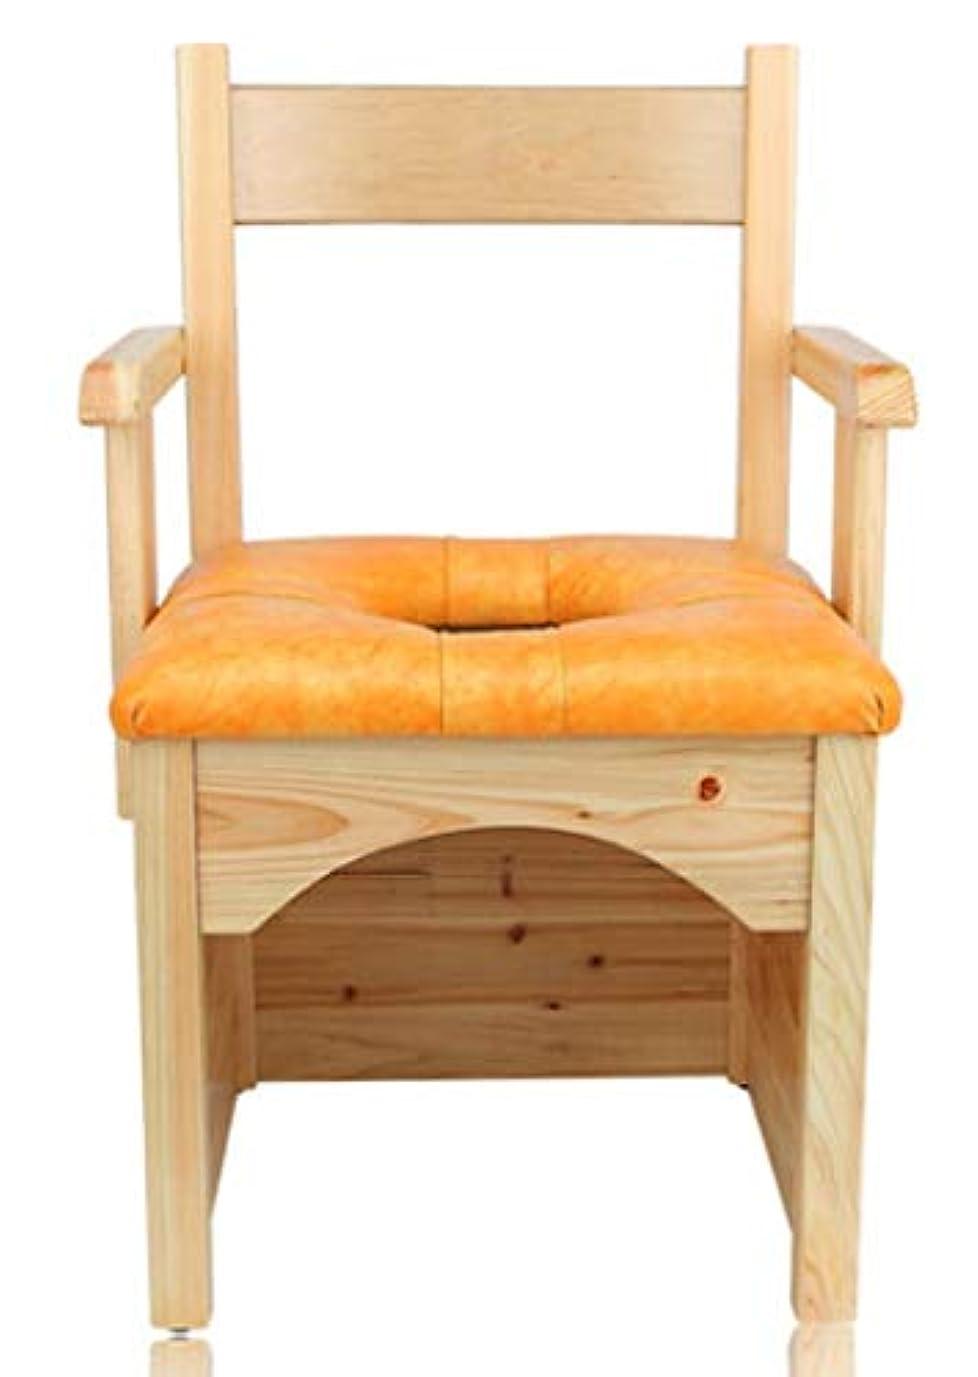 クルーズ六もろい最高級のヨモギ蒸し椅子セット, ヨモギ蒸し服ピンク